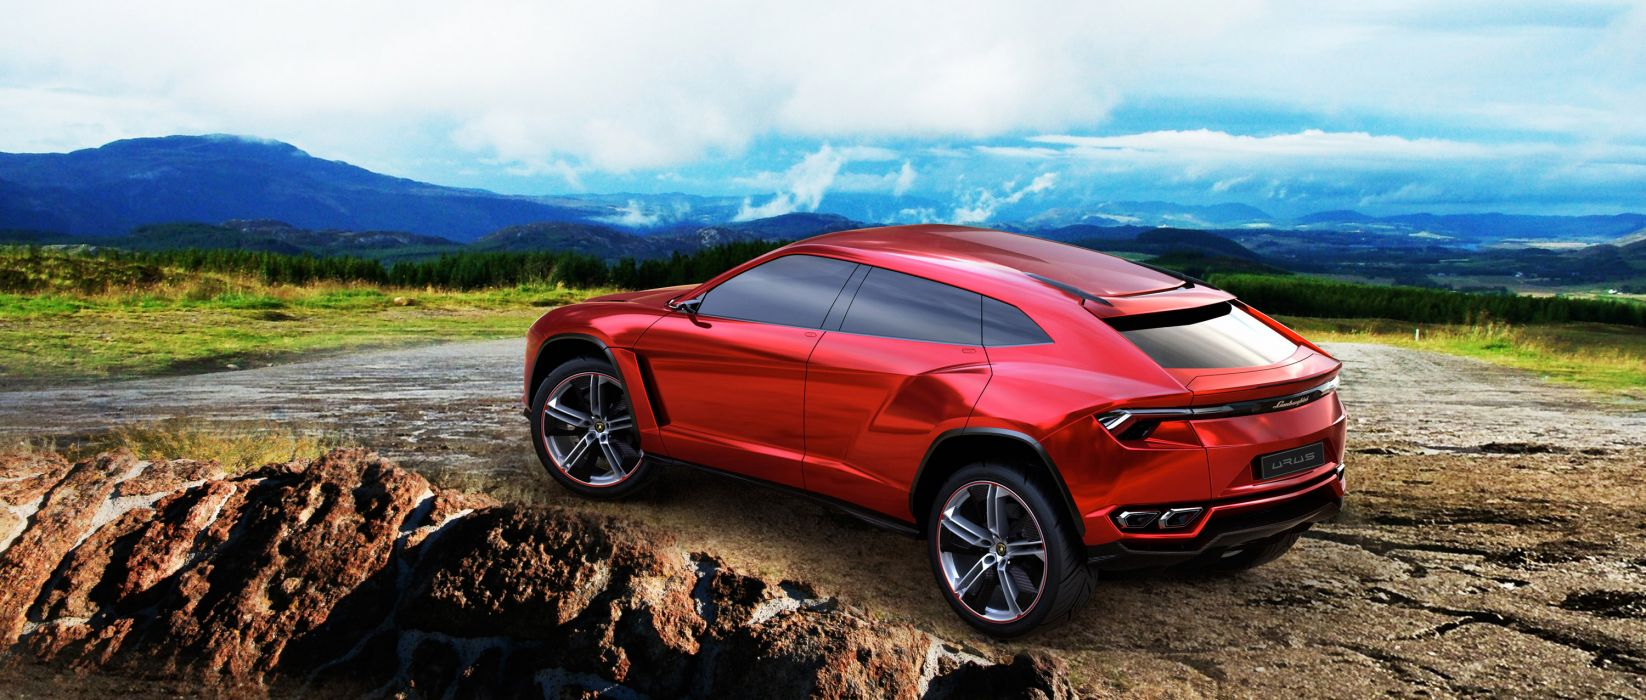 2012 Lamborghini Urus Concept suv supercar supercars s wallpaper